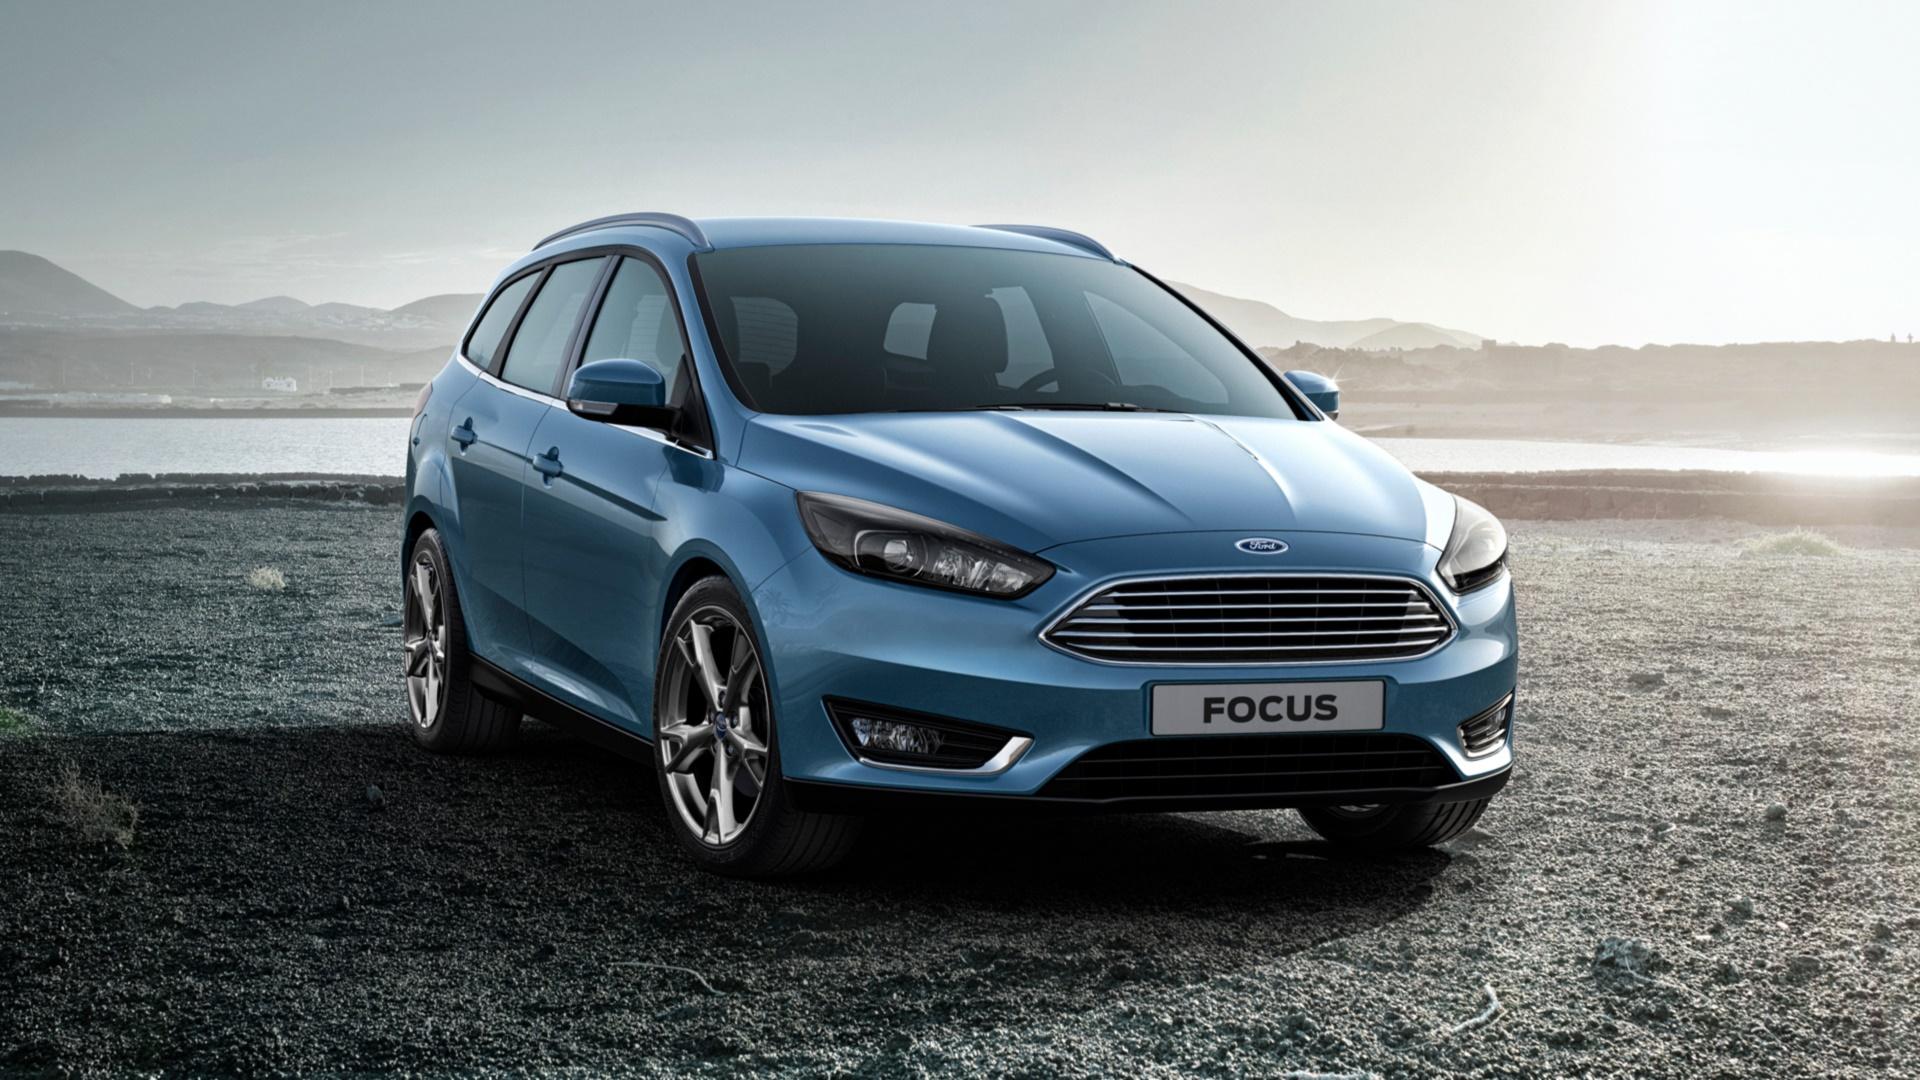 ... Abyss Bekijk de collectie Ford Voertuigen 2015 Ford Focus Wagon 490712